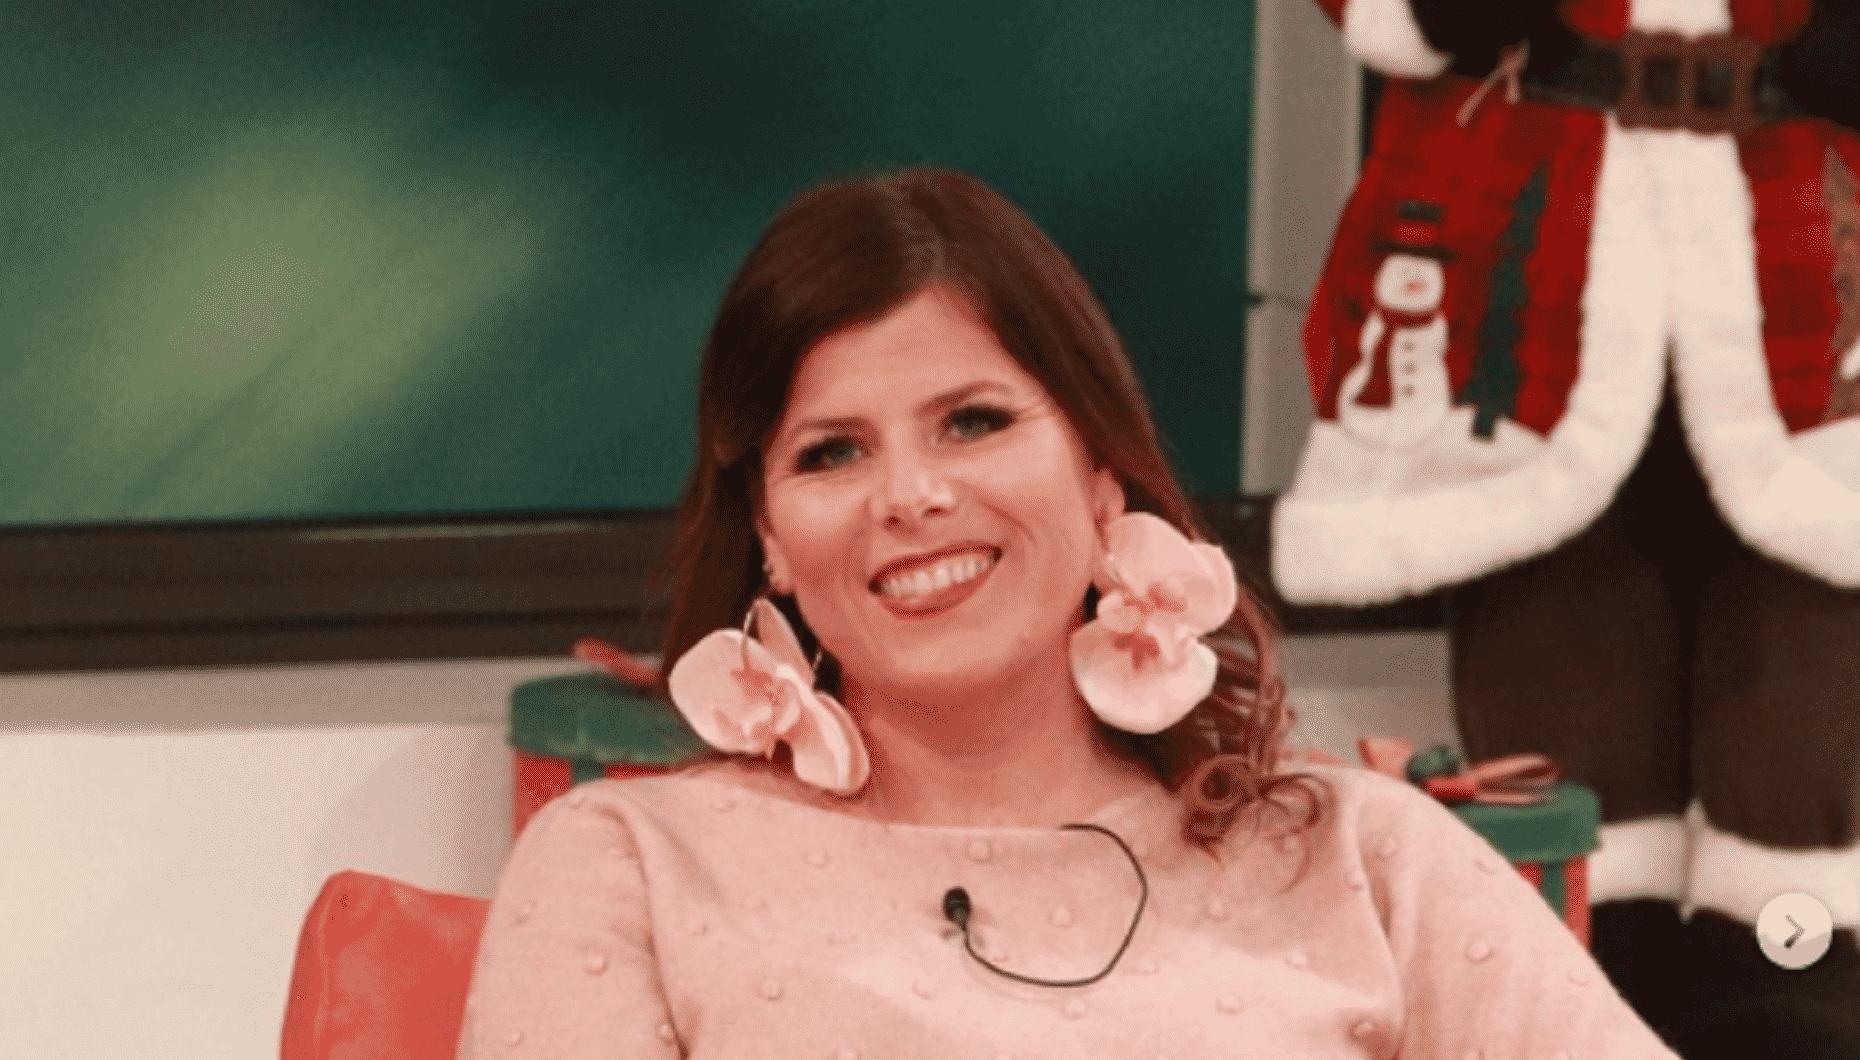 Noélia, Big Brother